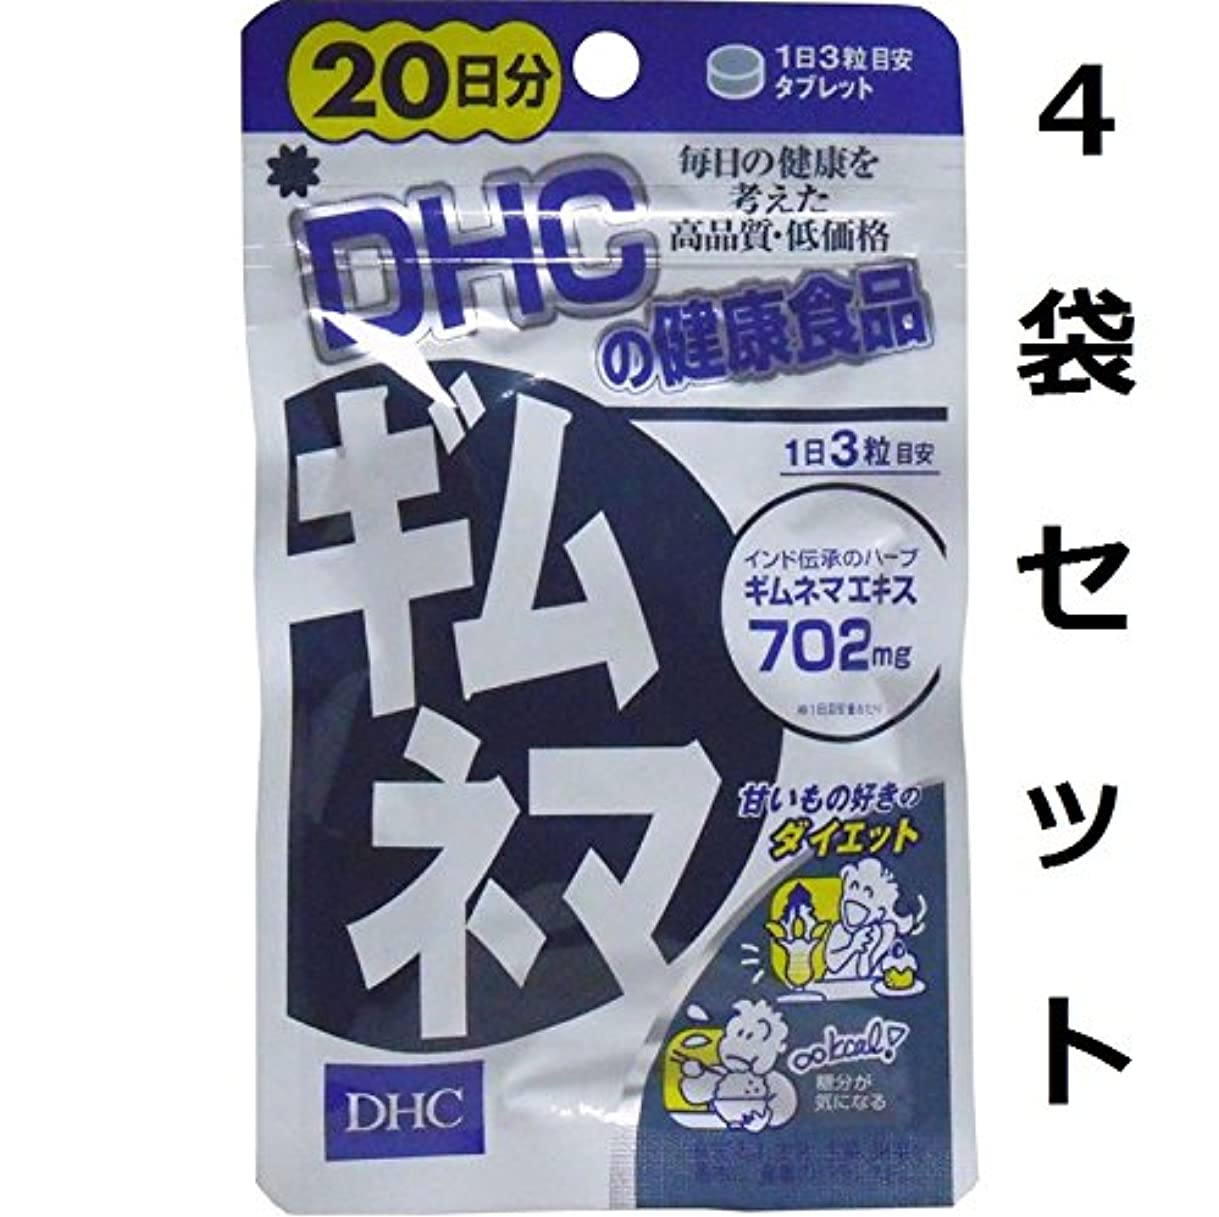 直面する涙が出る対角線大好きな「甘いもの」をムダ肉にしない DHC ギムネマ 20日分 60粒 4袋セット